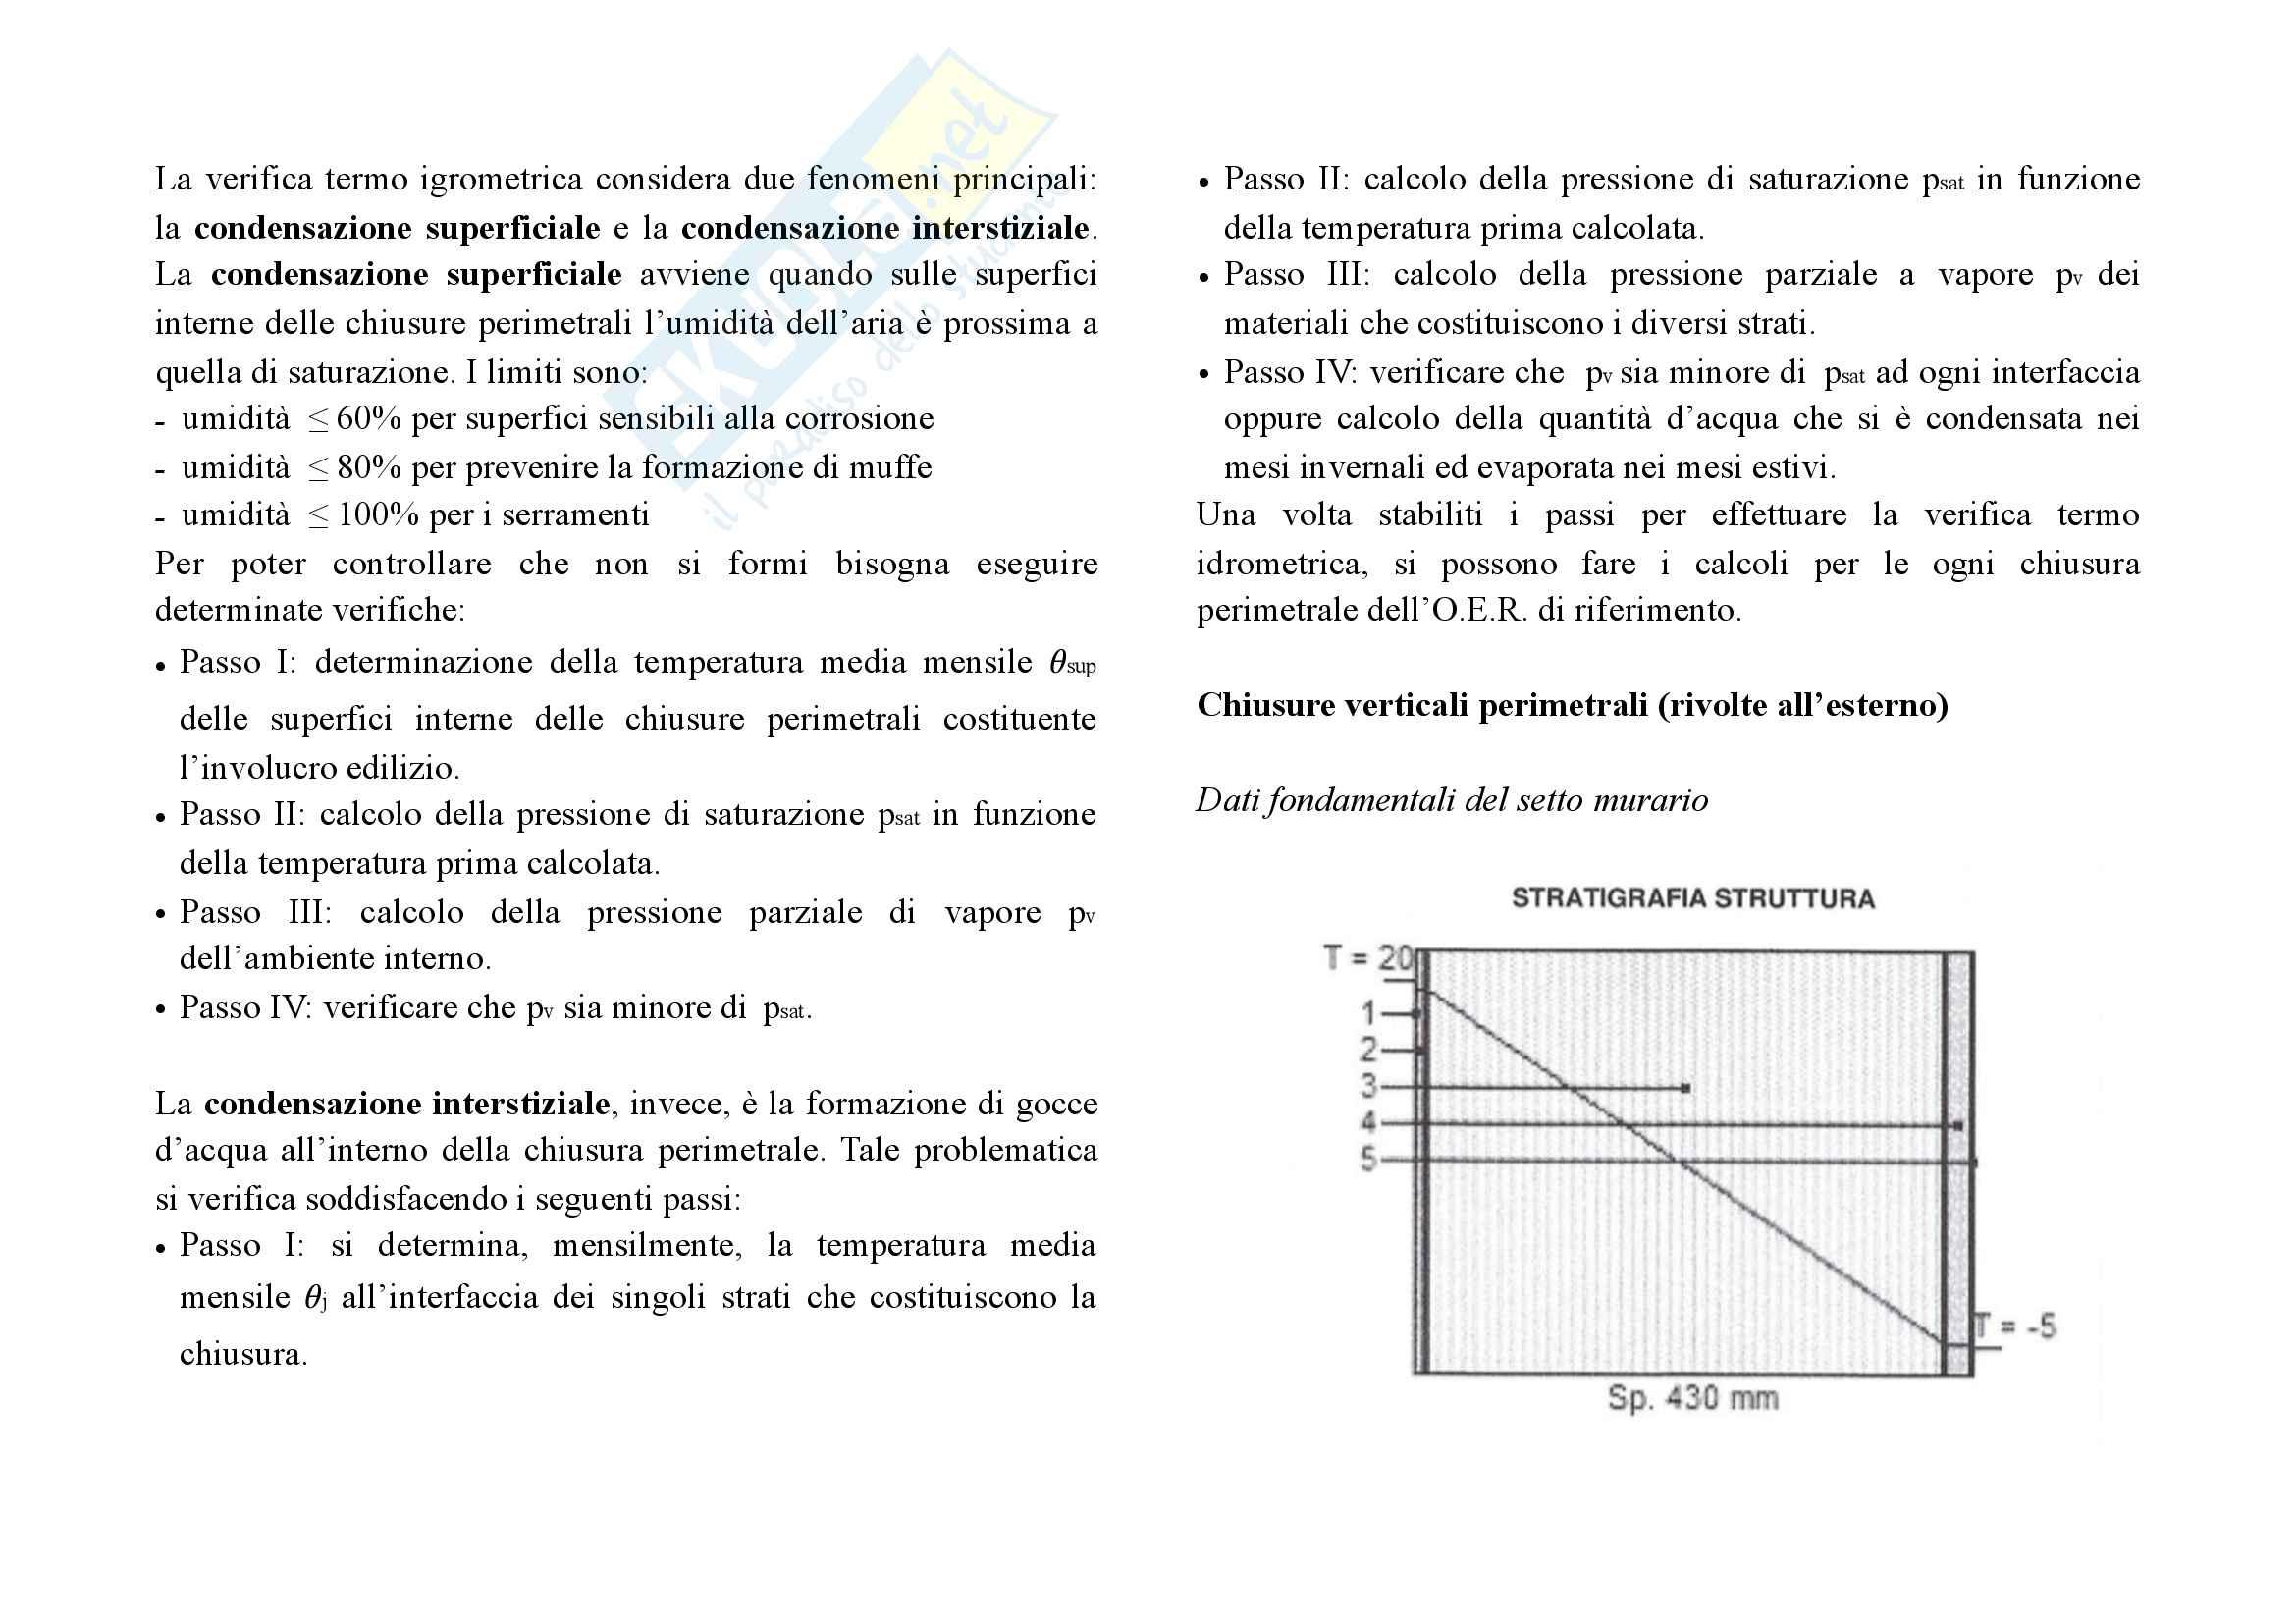 Relazione tecnica sull'analisi di un organismo edilizio residenziale Pag. 26